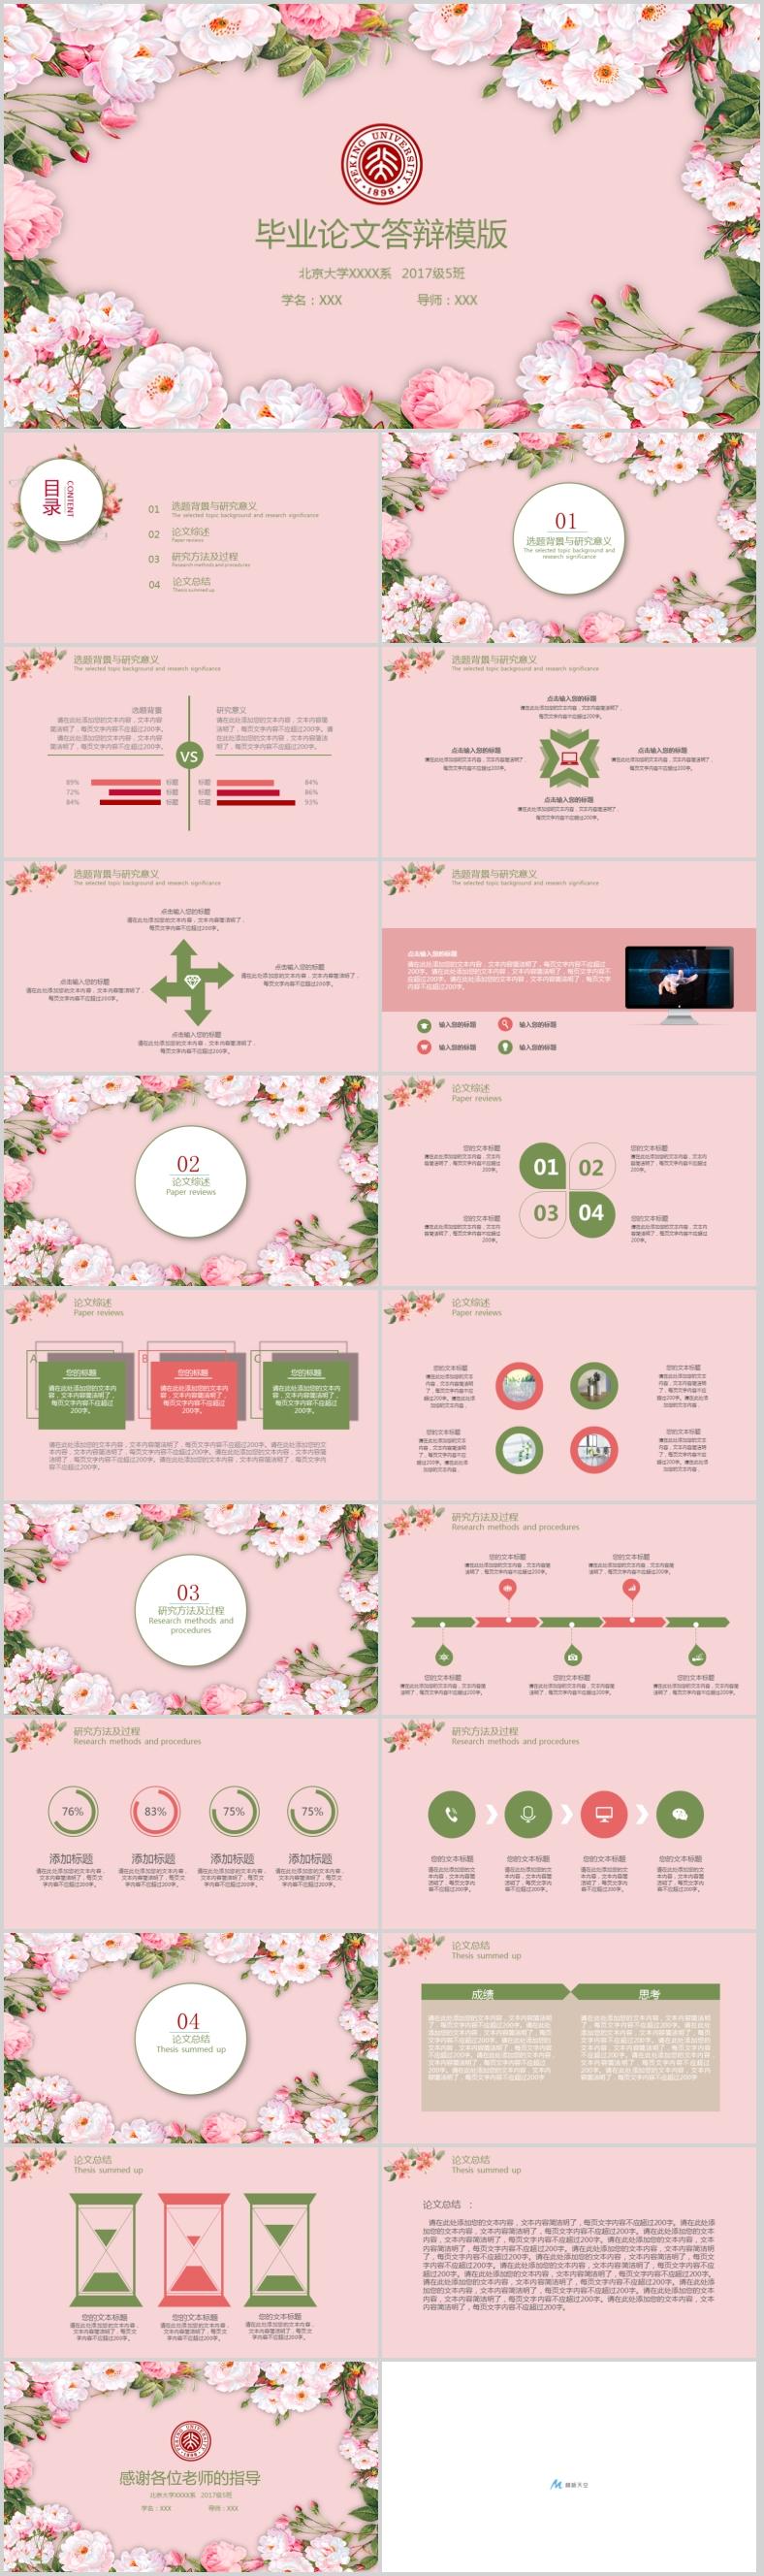 多彩花朵毕业论文答辩PPT模板